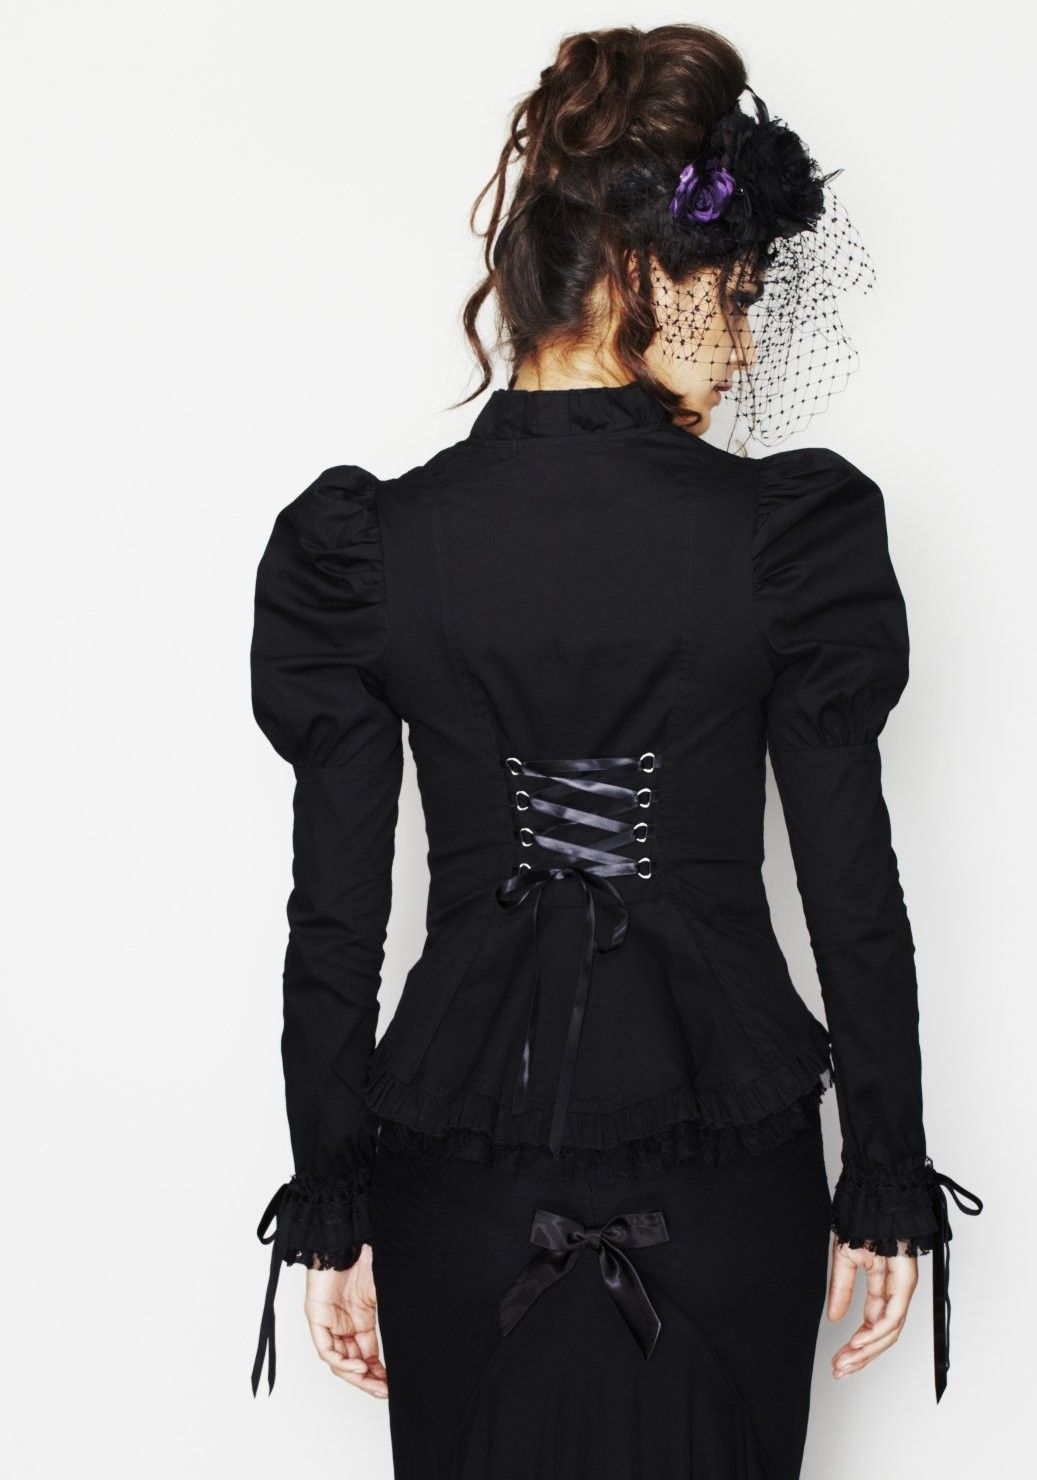 Chemisier Gothique Steampunk Victorien Cardinal   Gothique dress ... 44def43882be